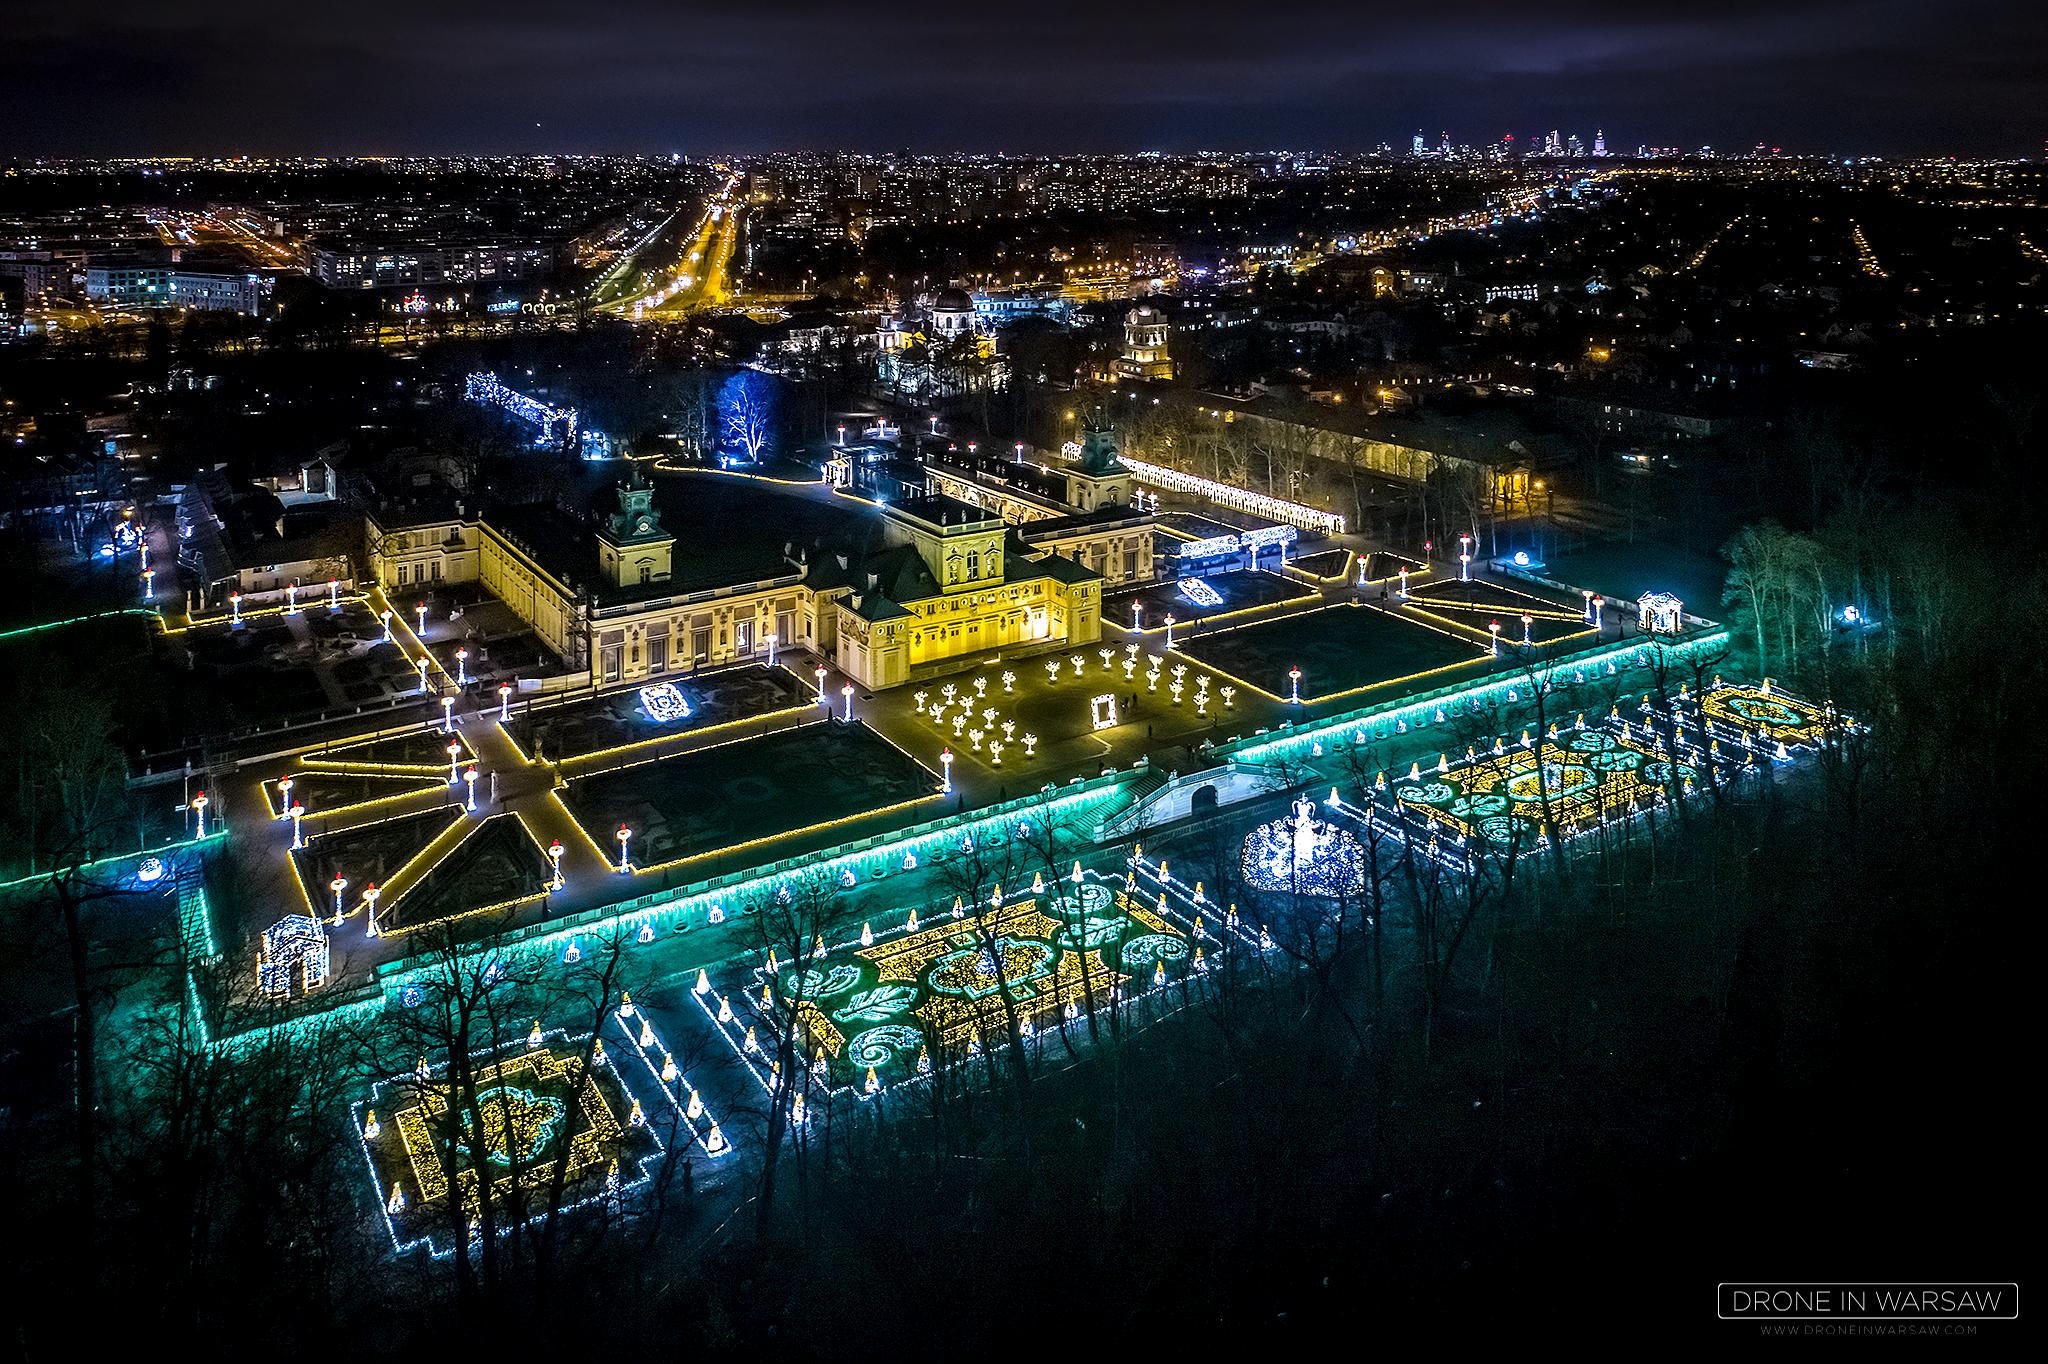 Królewski Ogród światła Drone In Warsaw